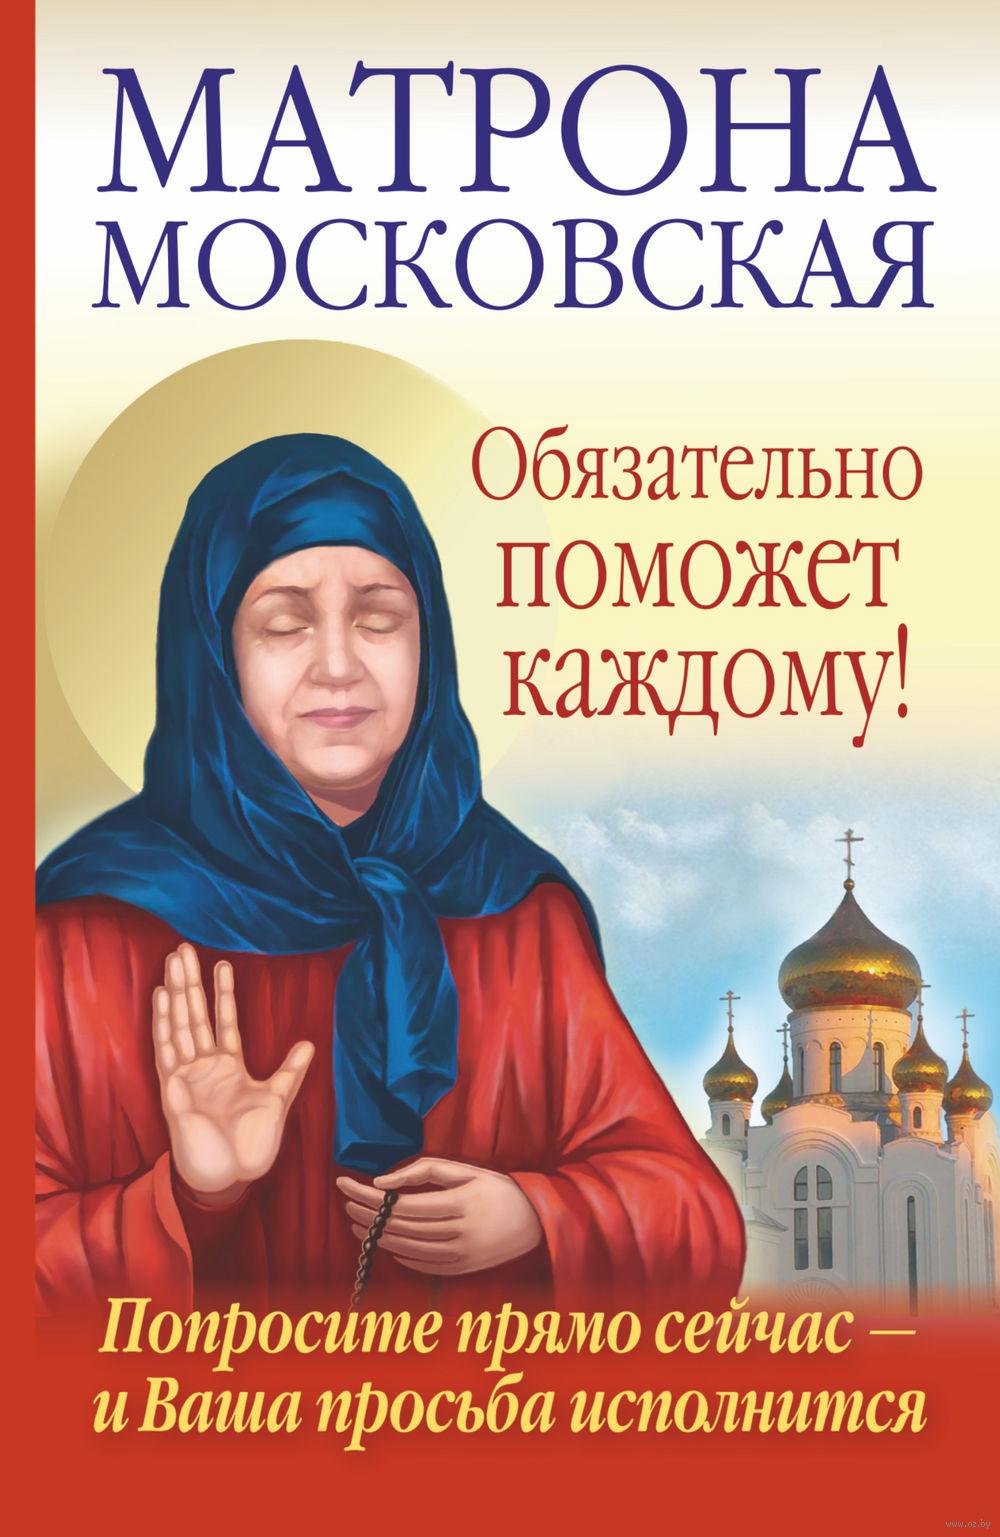 матрона московская в чем помогает отзывы объявления фото